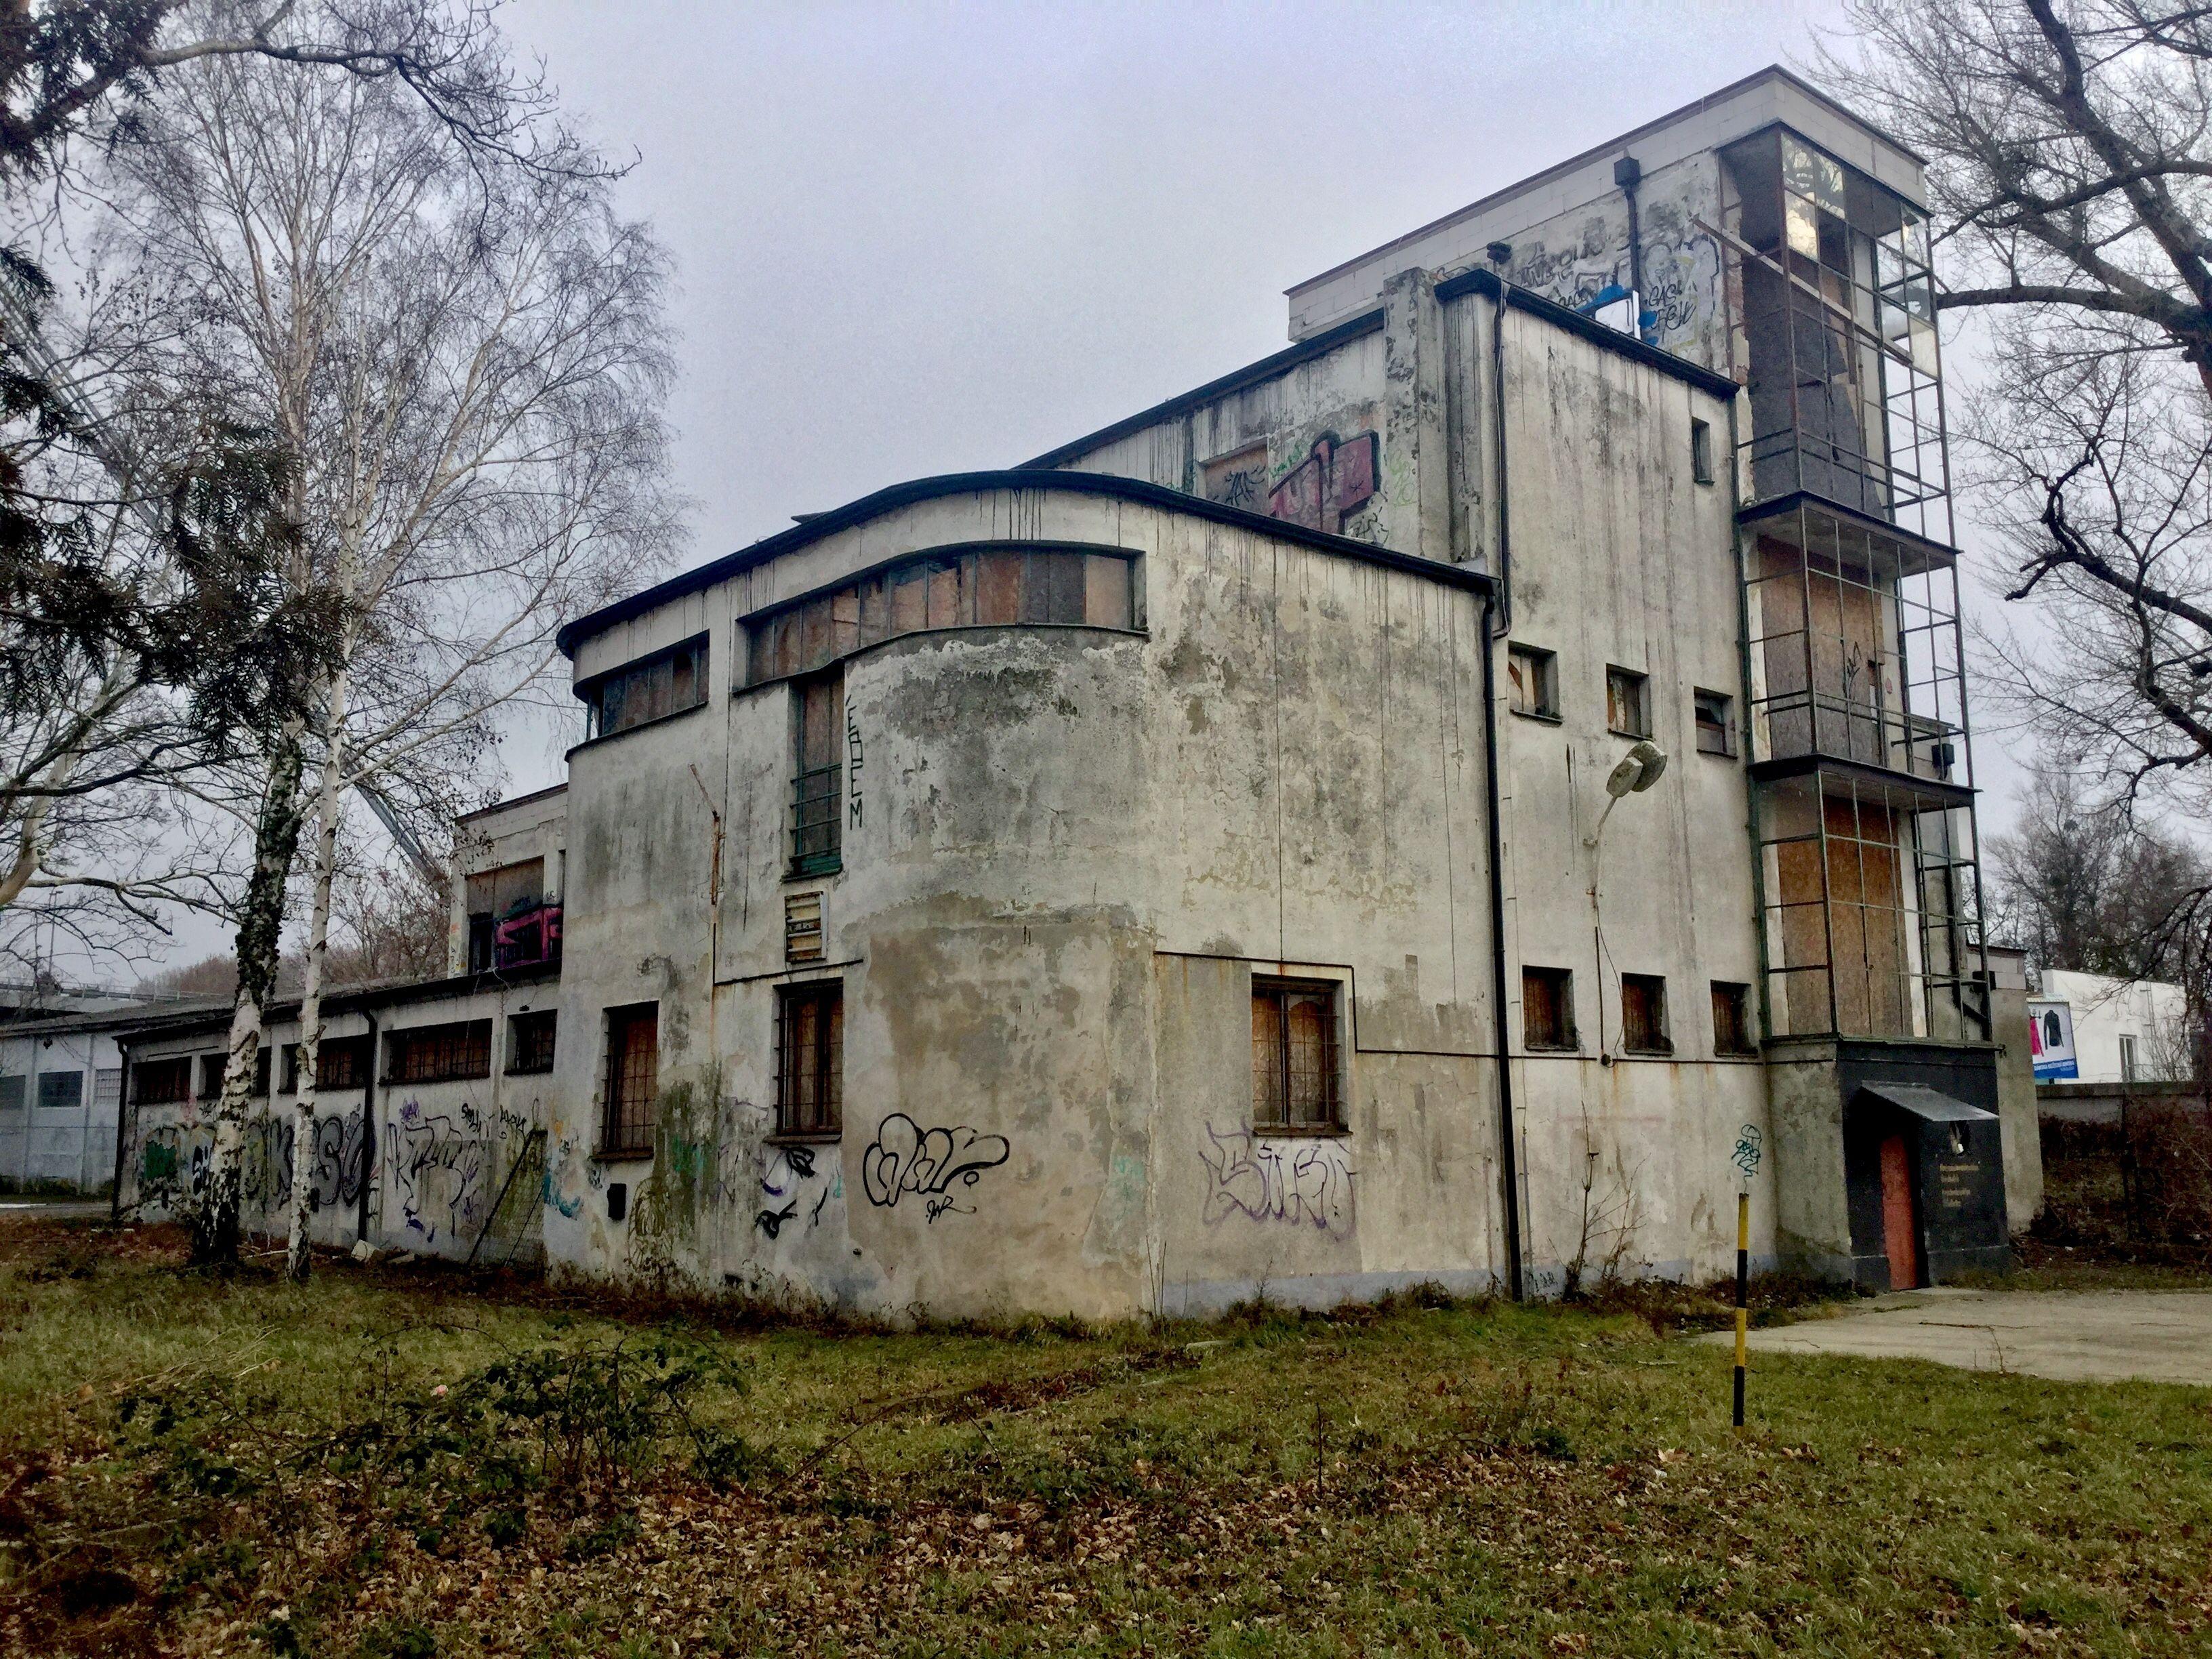 Deutscher Ruderclub Bratislava 2018 Bauhaus Architektur Architektur Bratislava